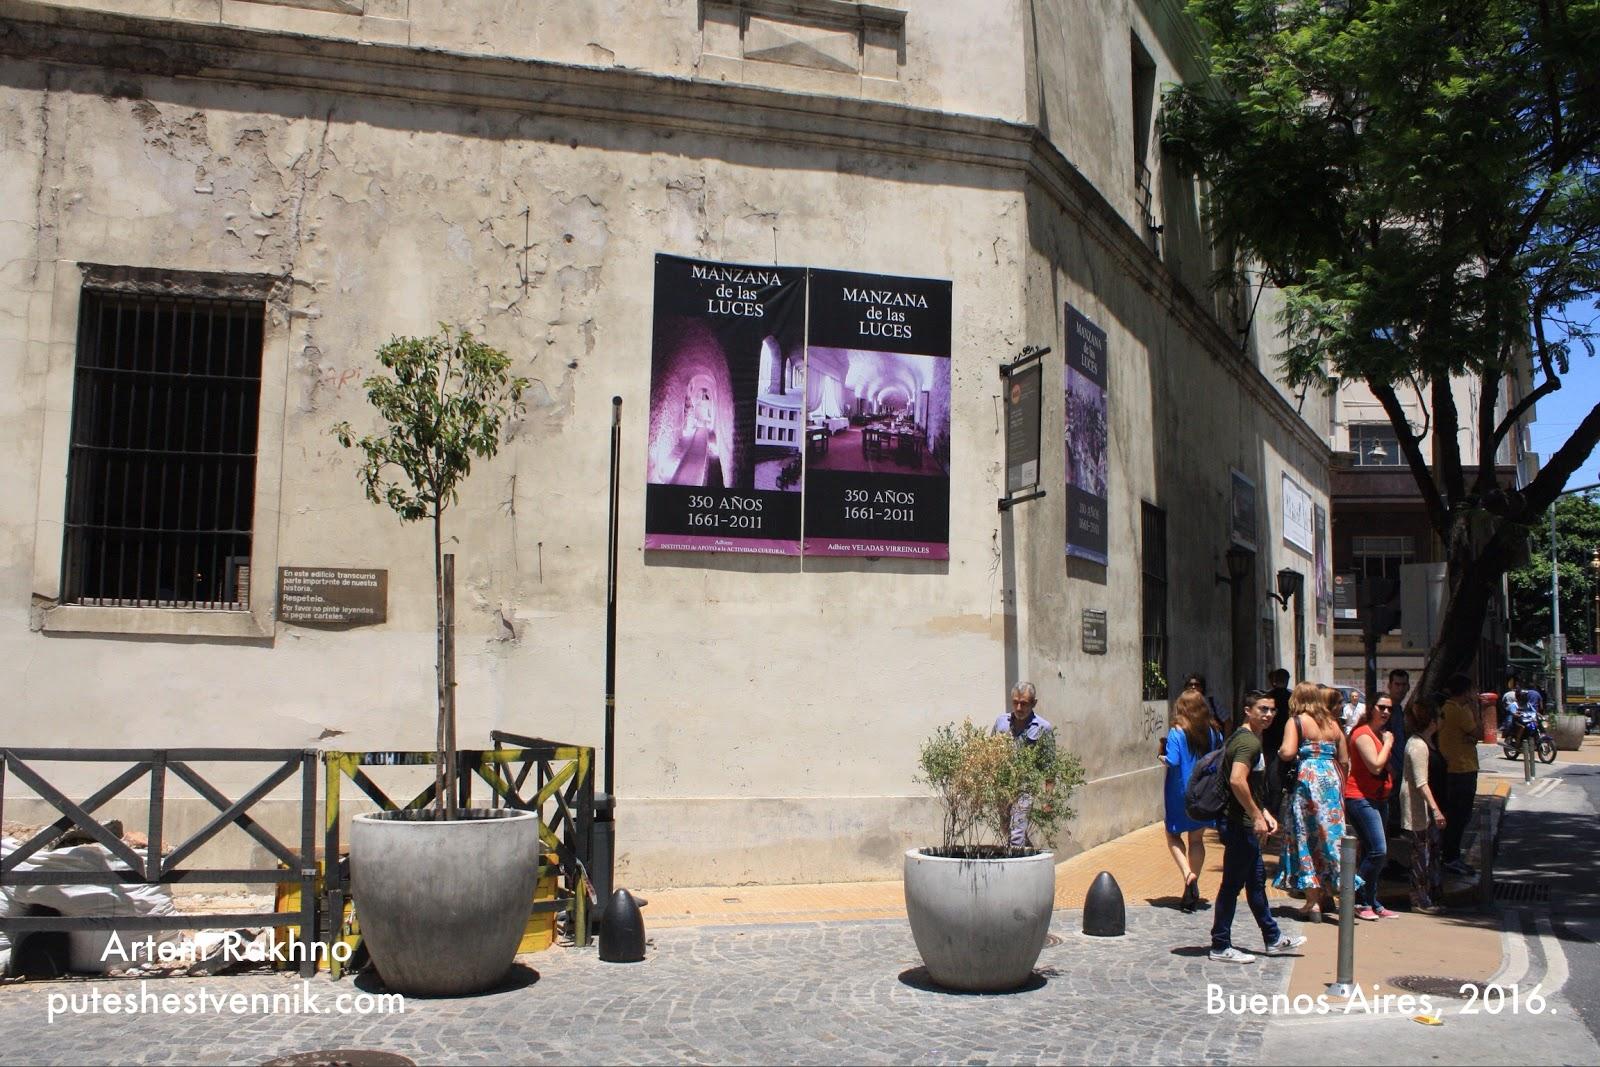 Клумбы на улице в Буэнос-Айресе